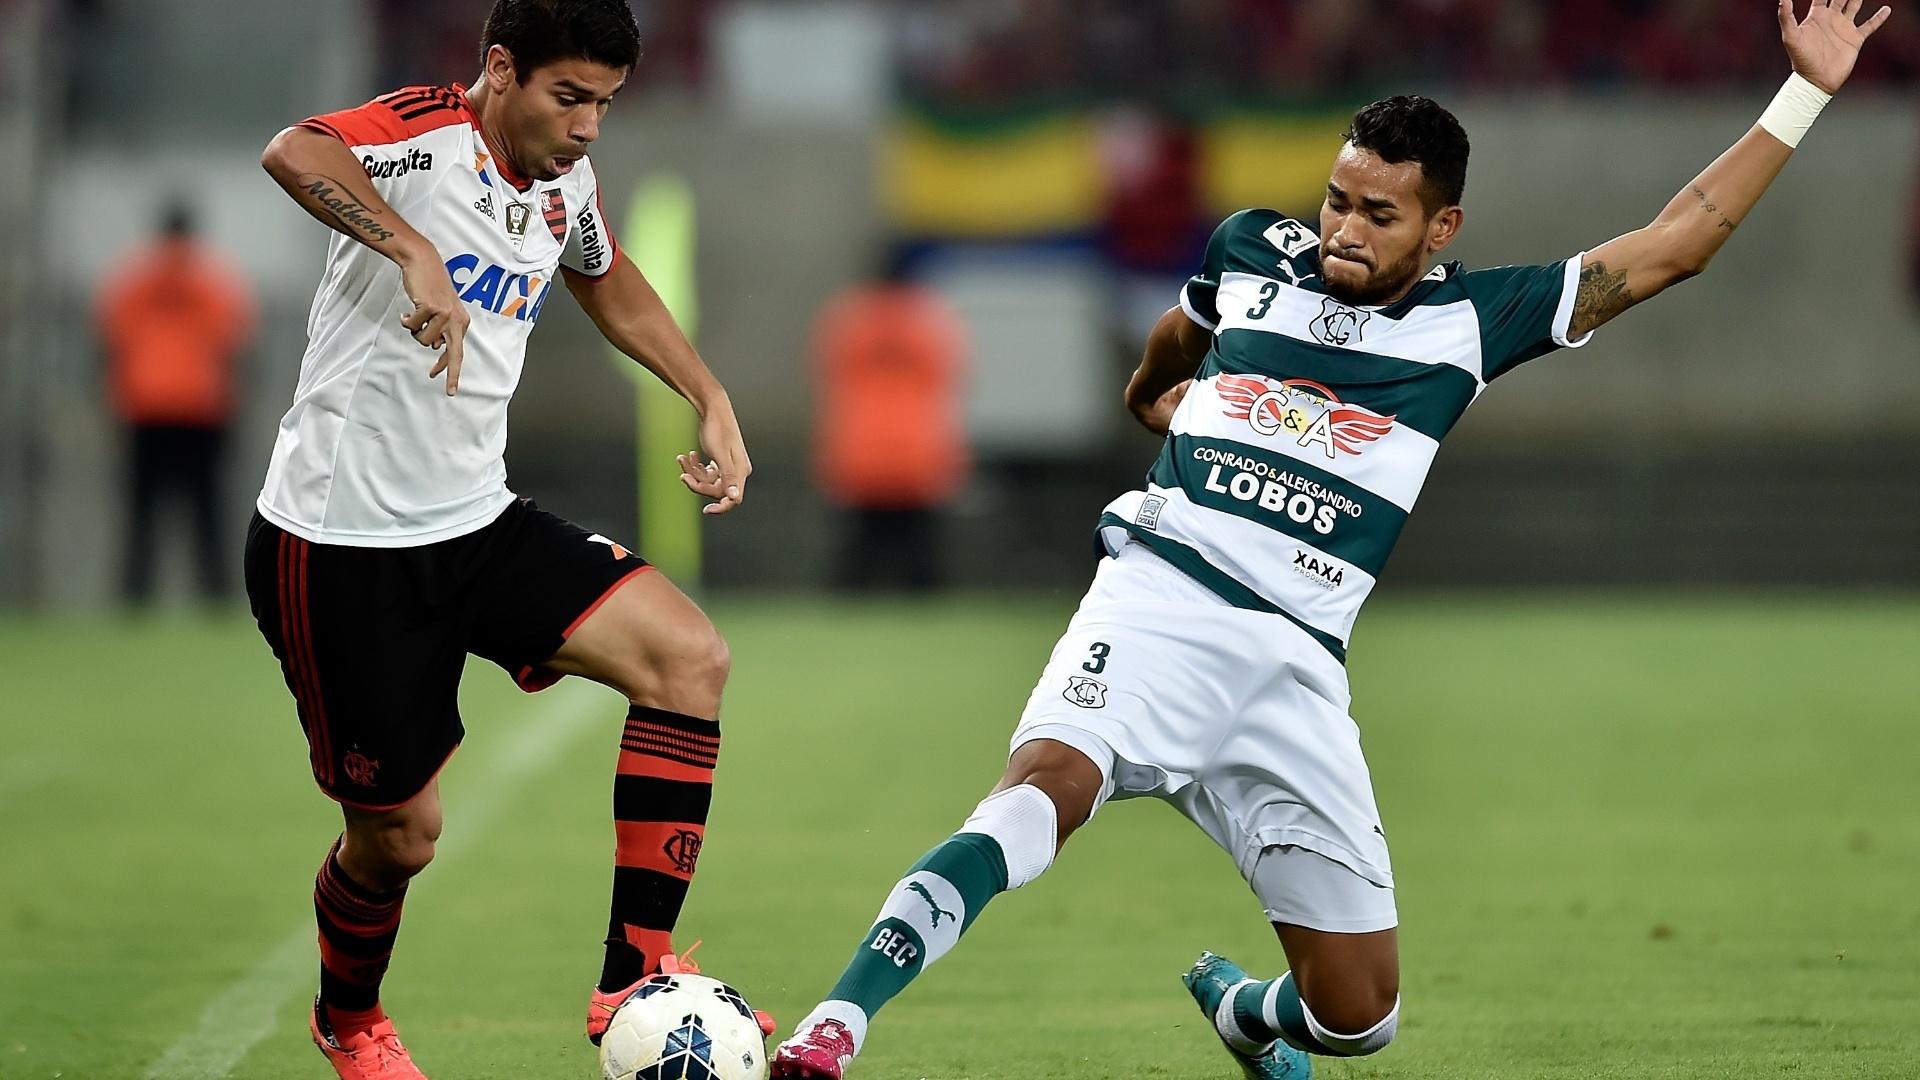 Eduardo da Silva tenta driblar jogador do Goiás na partida do Flamengo pelo Brasileirão